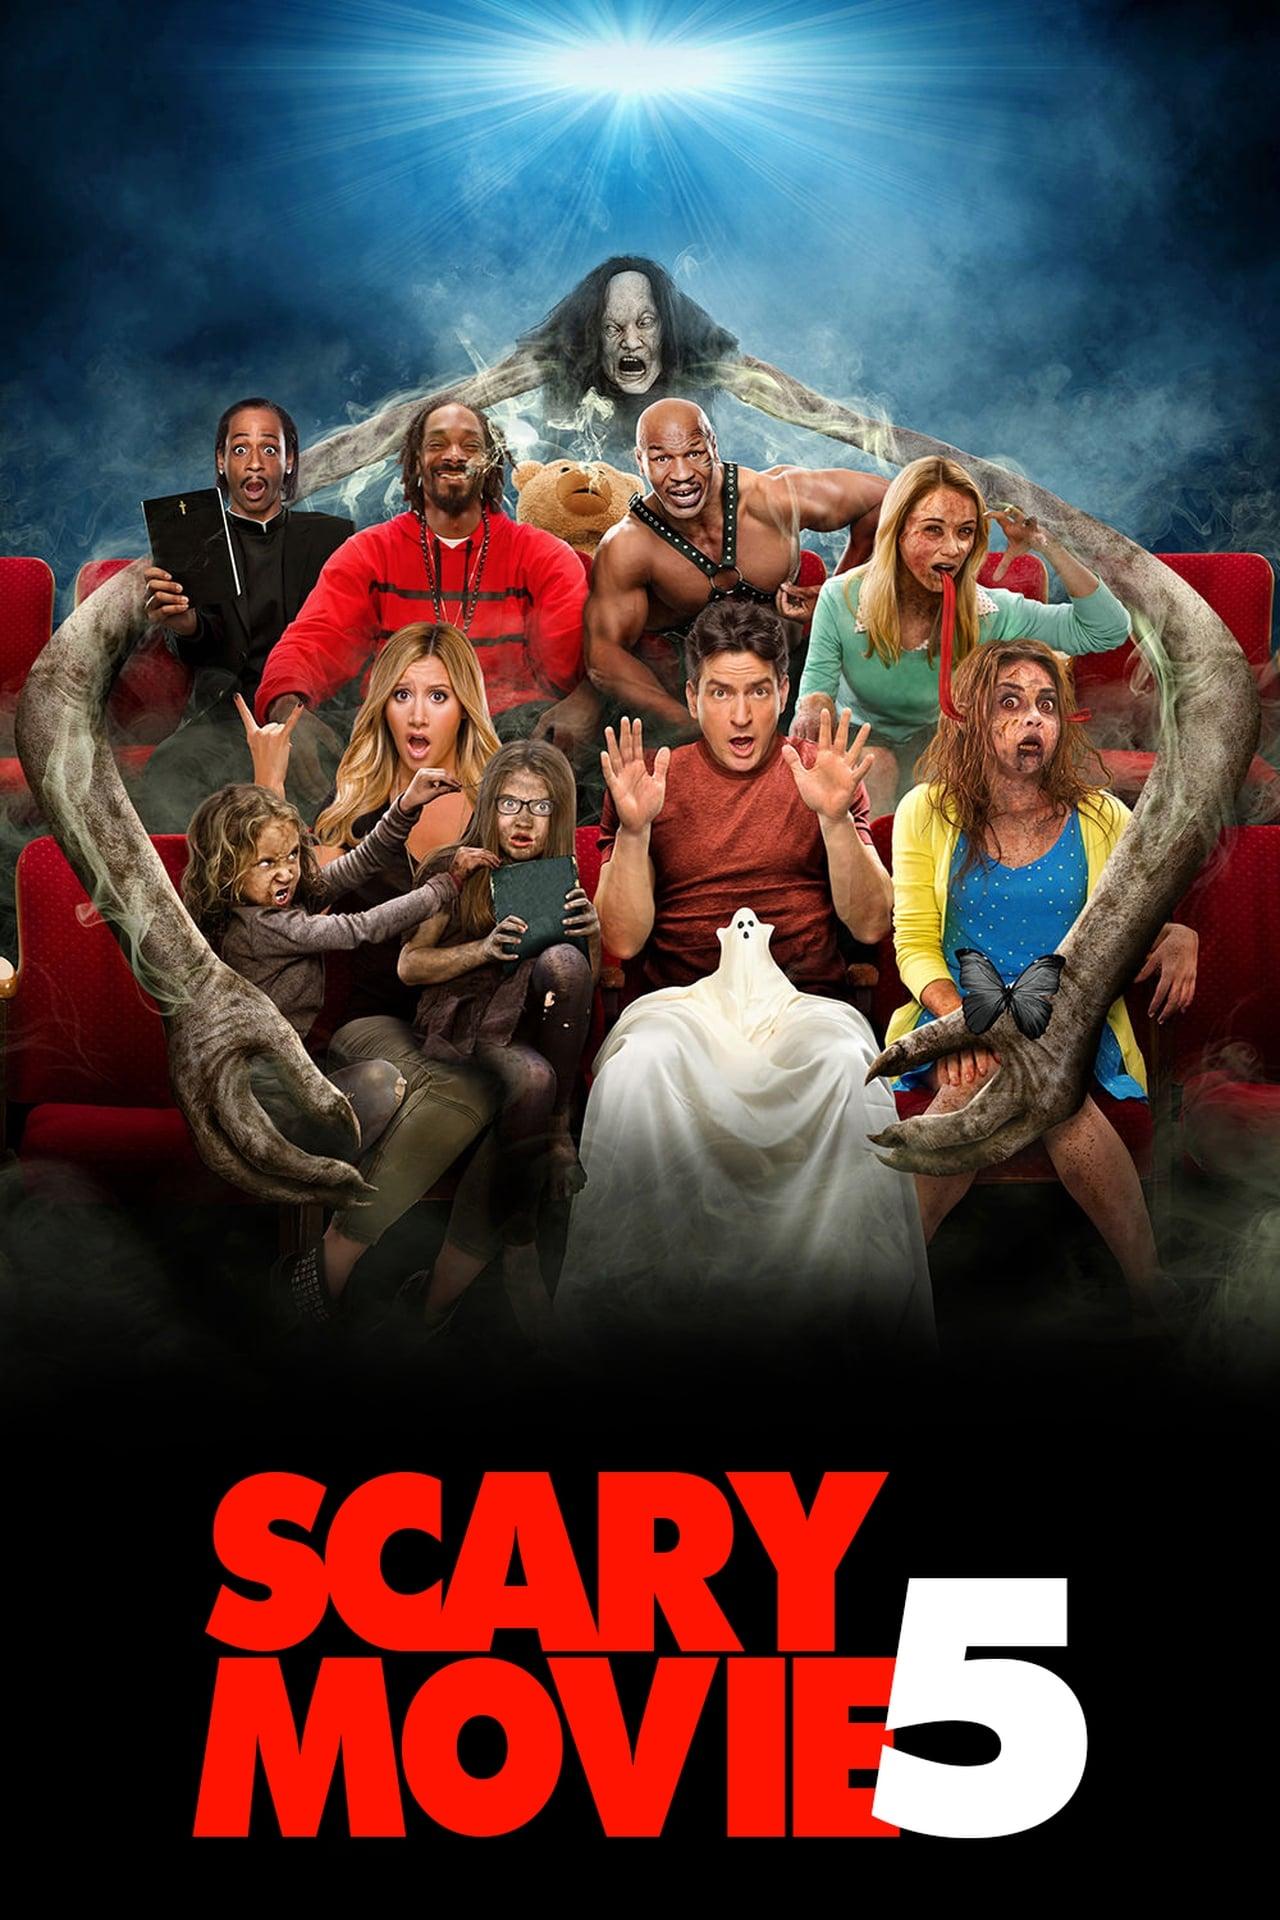 Ver Scary Movie 5 2013 Online Latino Hd Pelisplus